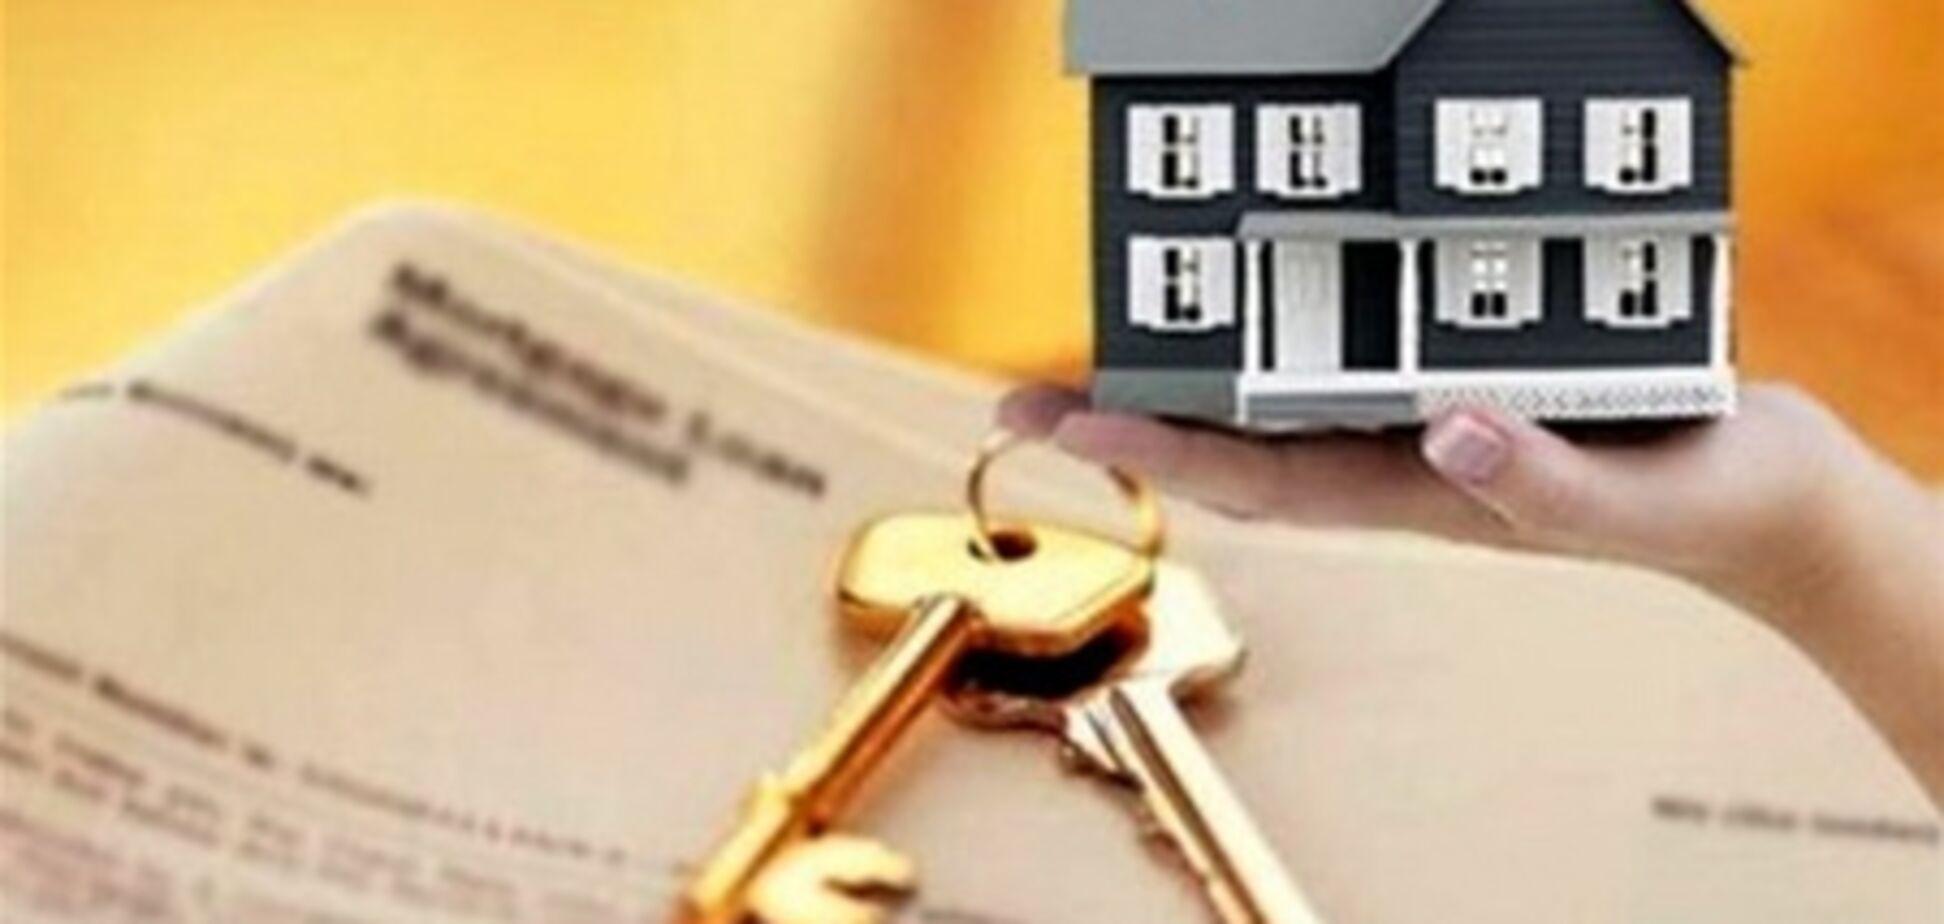 Около 2 тысяч граждан получили квартиры по жилищным программам